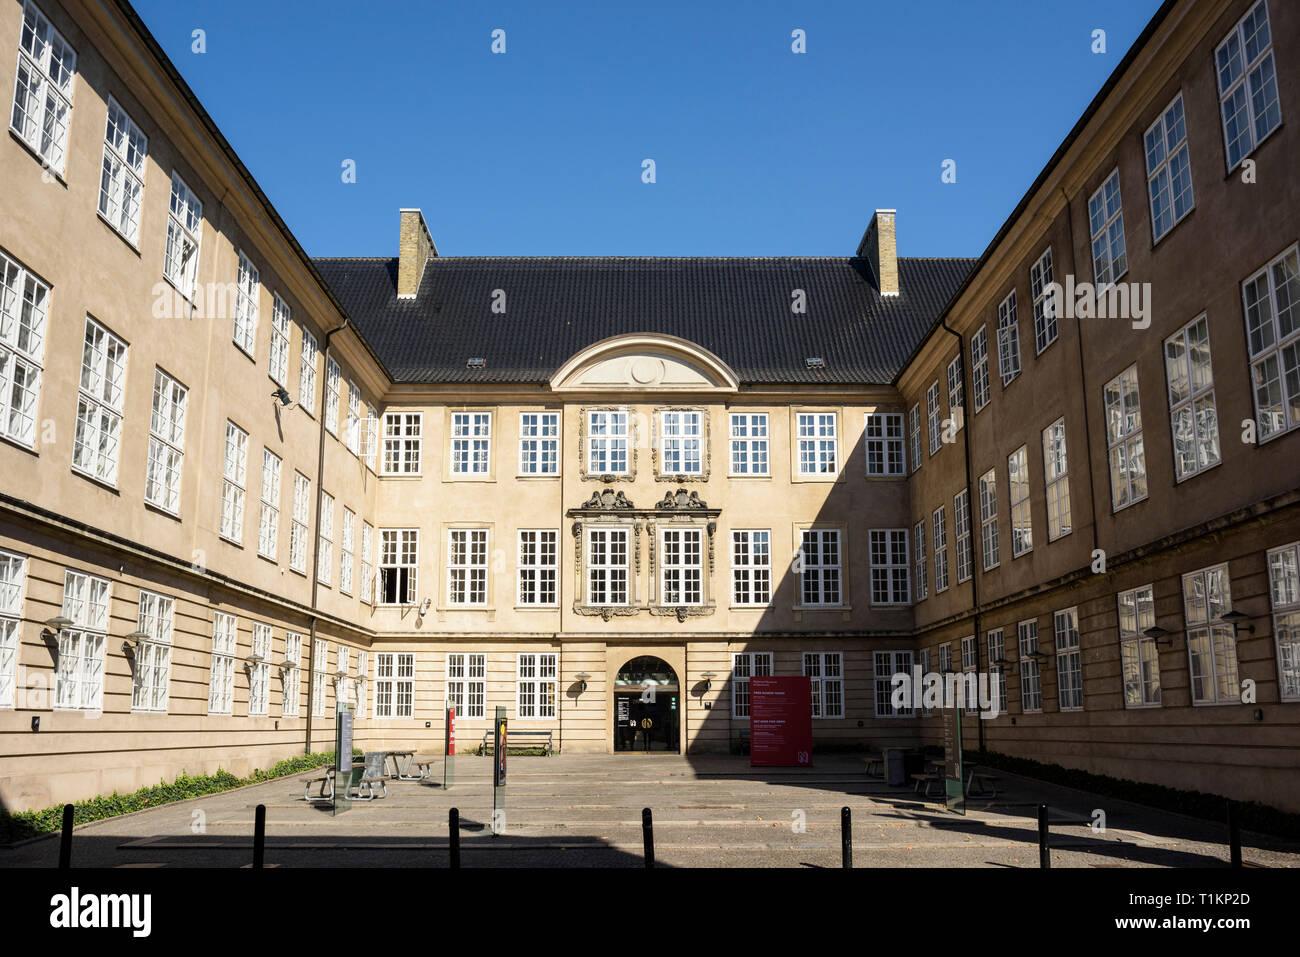 Copenhague. Dinamarca. Exterior del Museo Nacional de Dinamarca alojamiento colecciones históricas y etnográficas, situado en el Palacio del Príncipe, construido Foto de stock